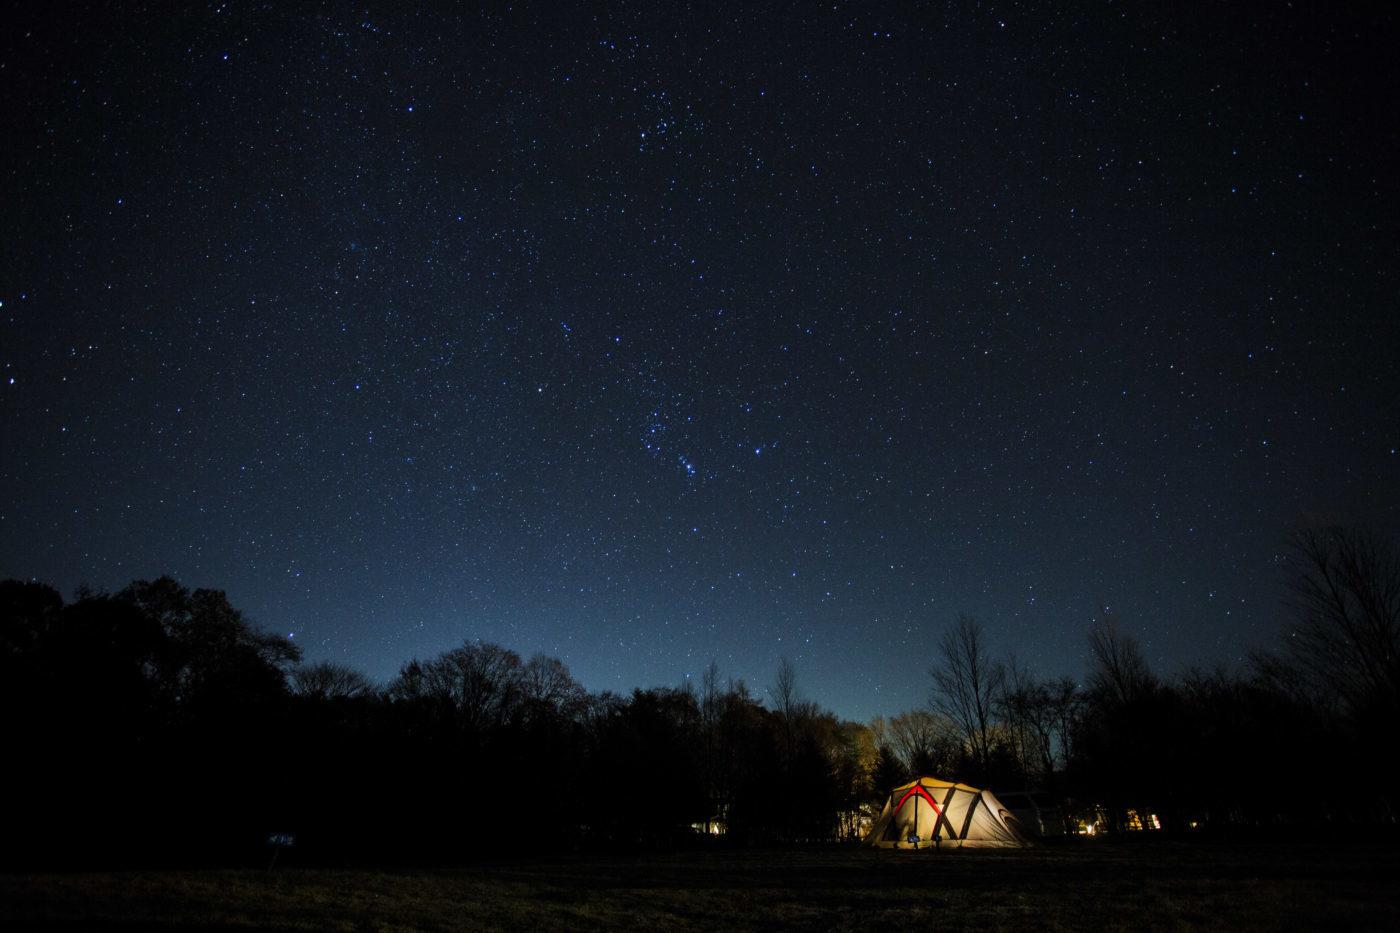 キャンプって寒い時は異常に寒いです